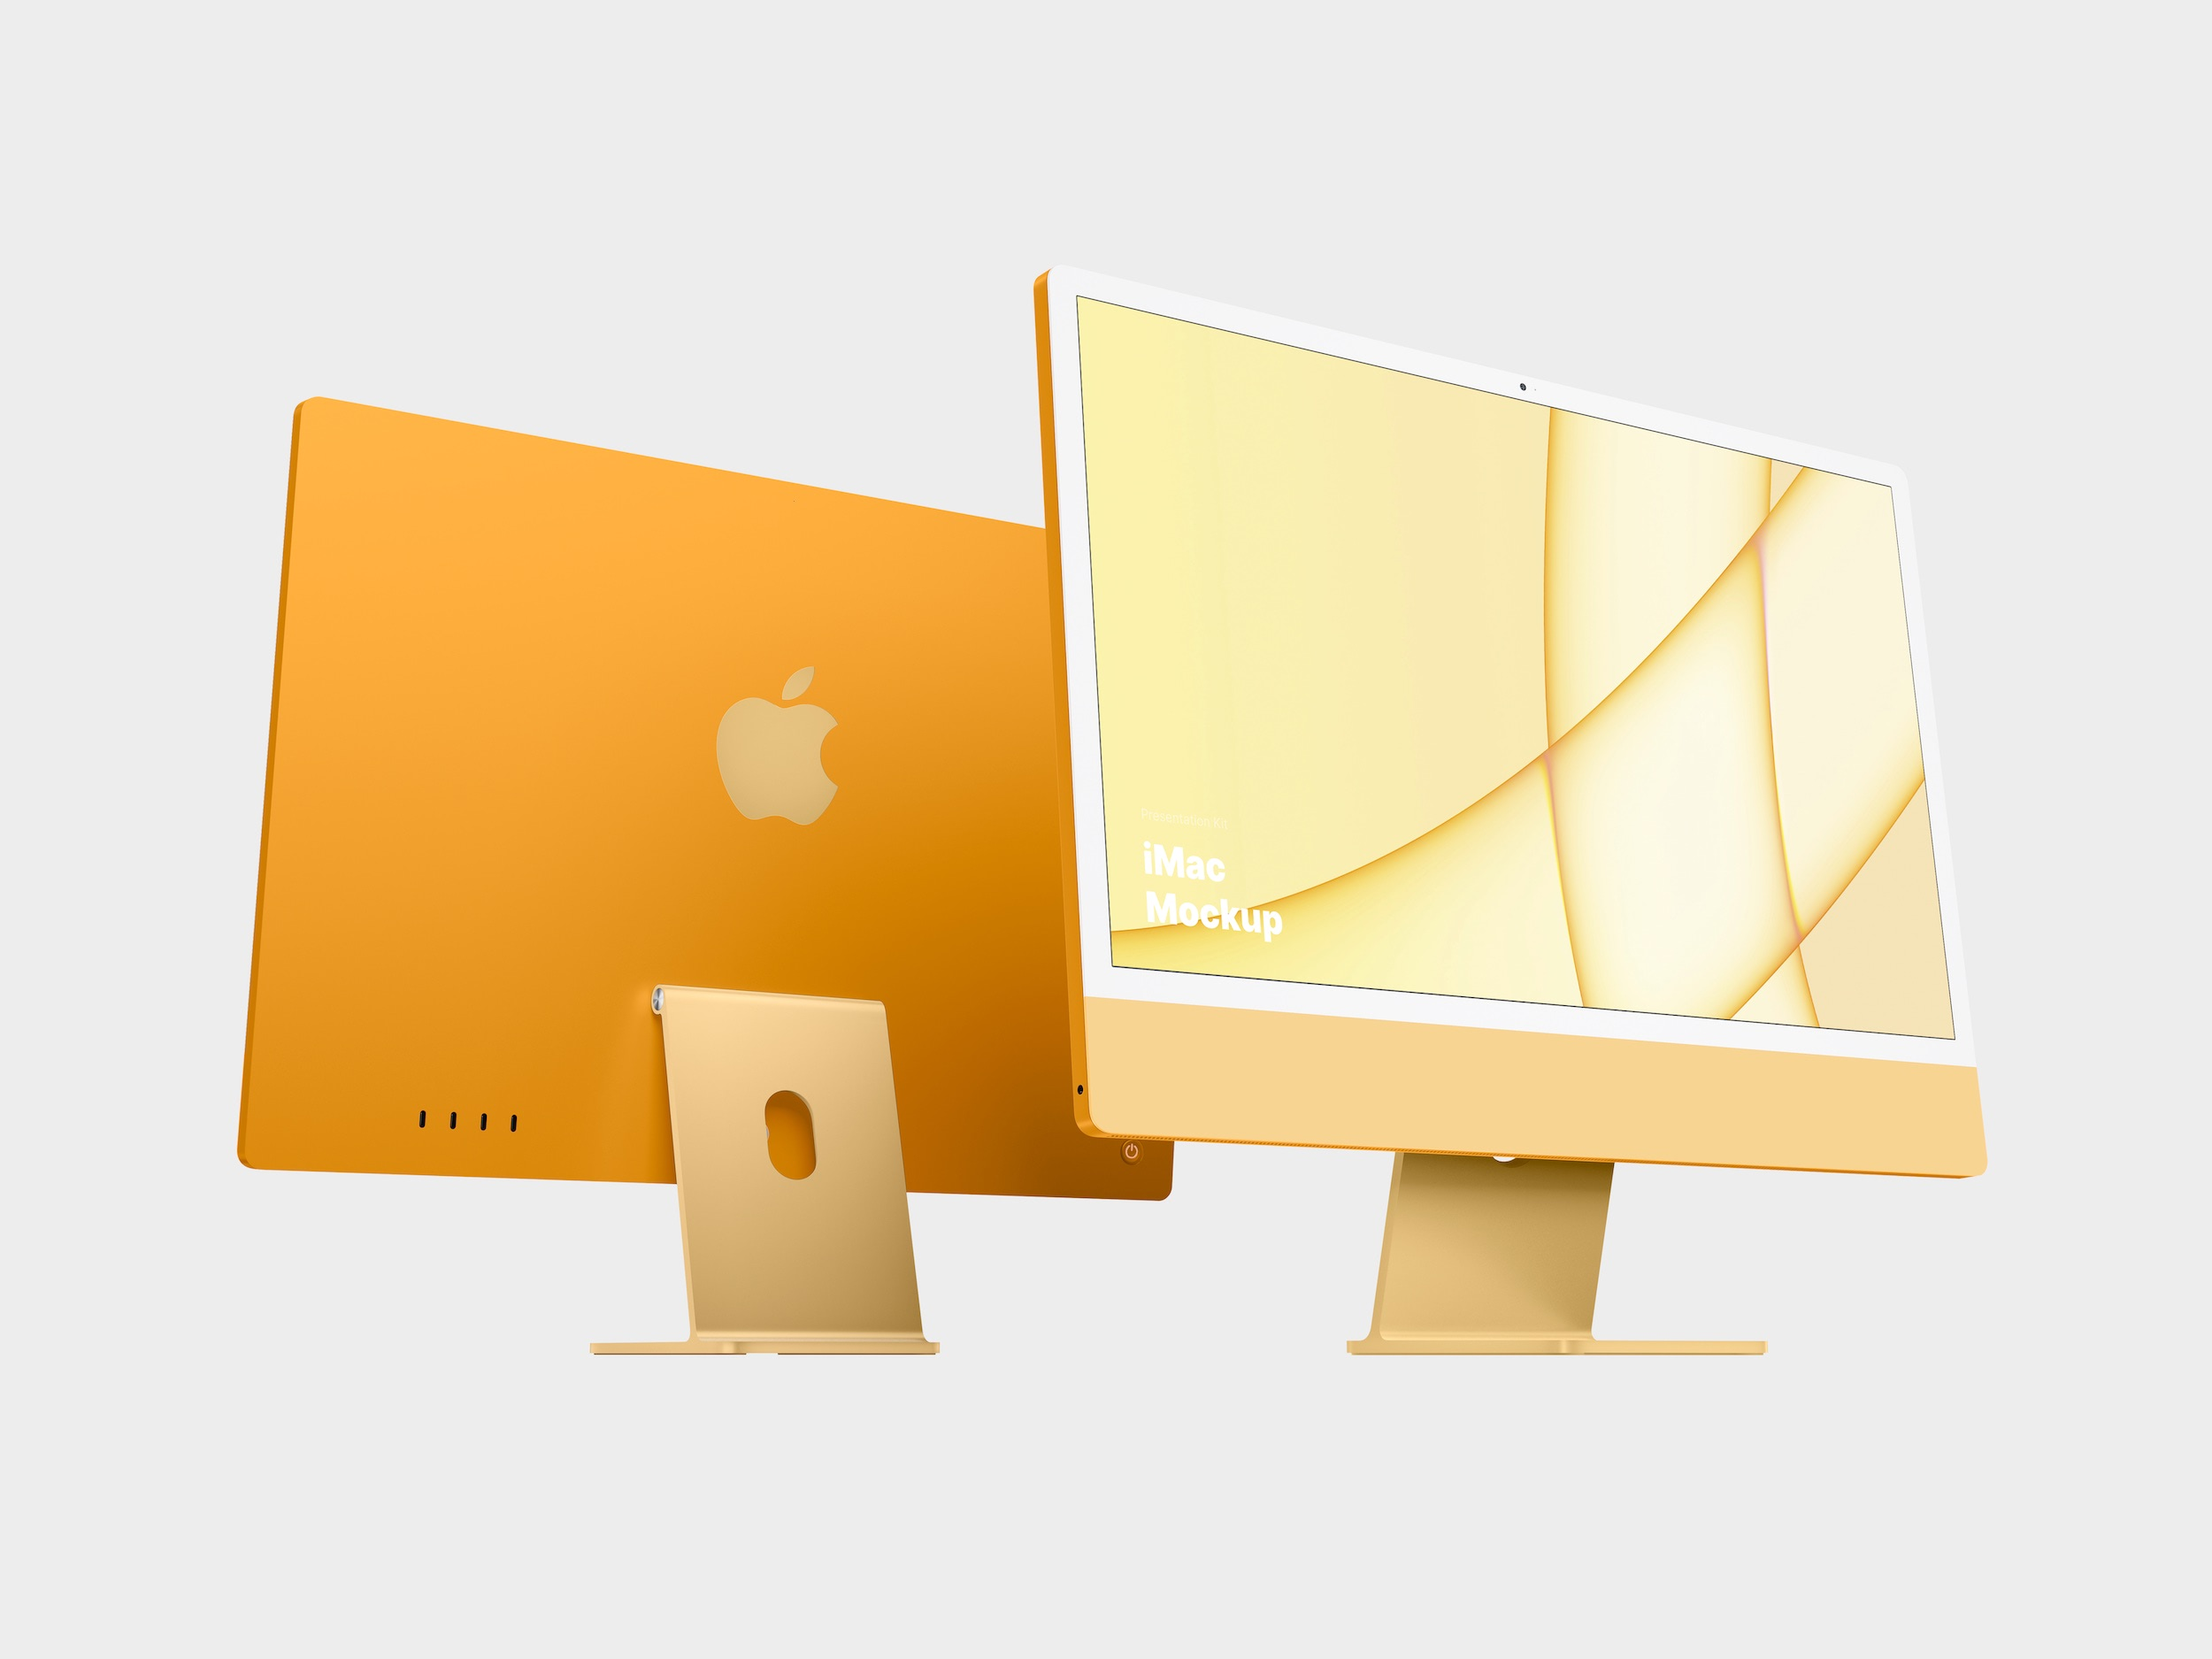 Yellow iMac Mockup